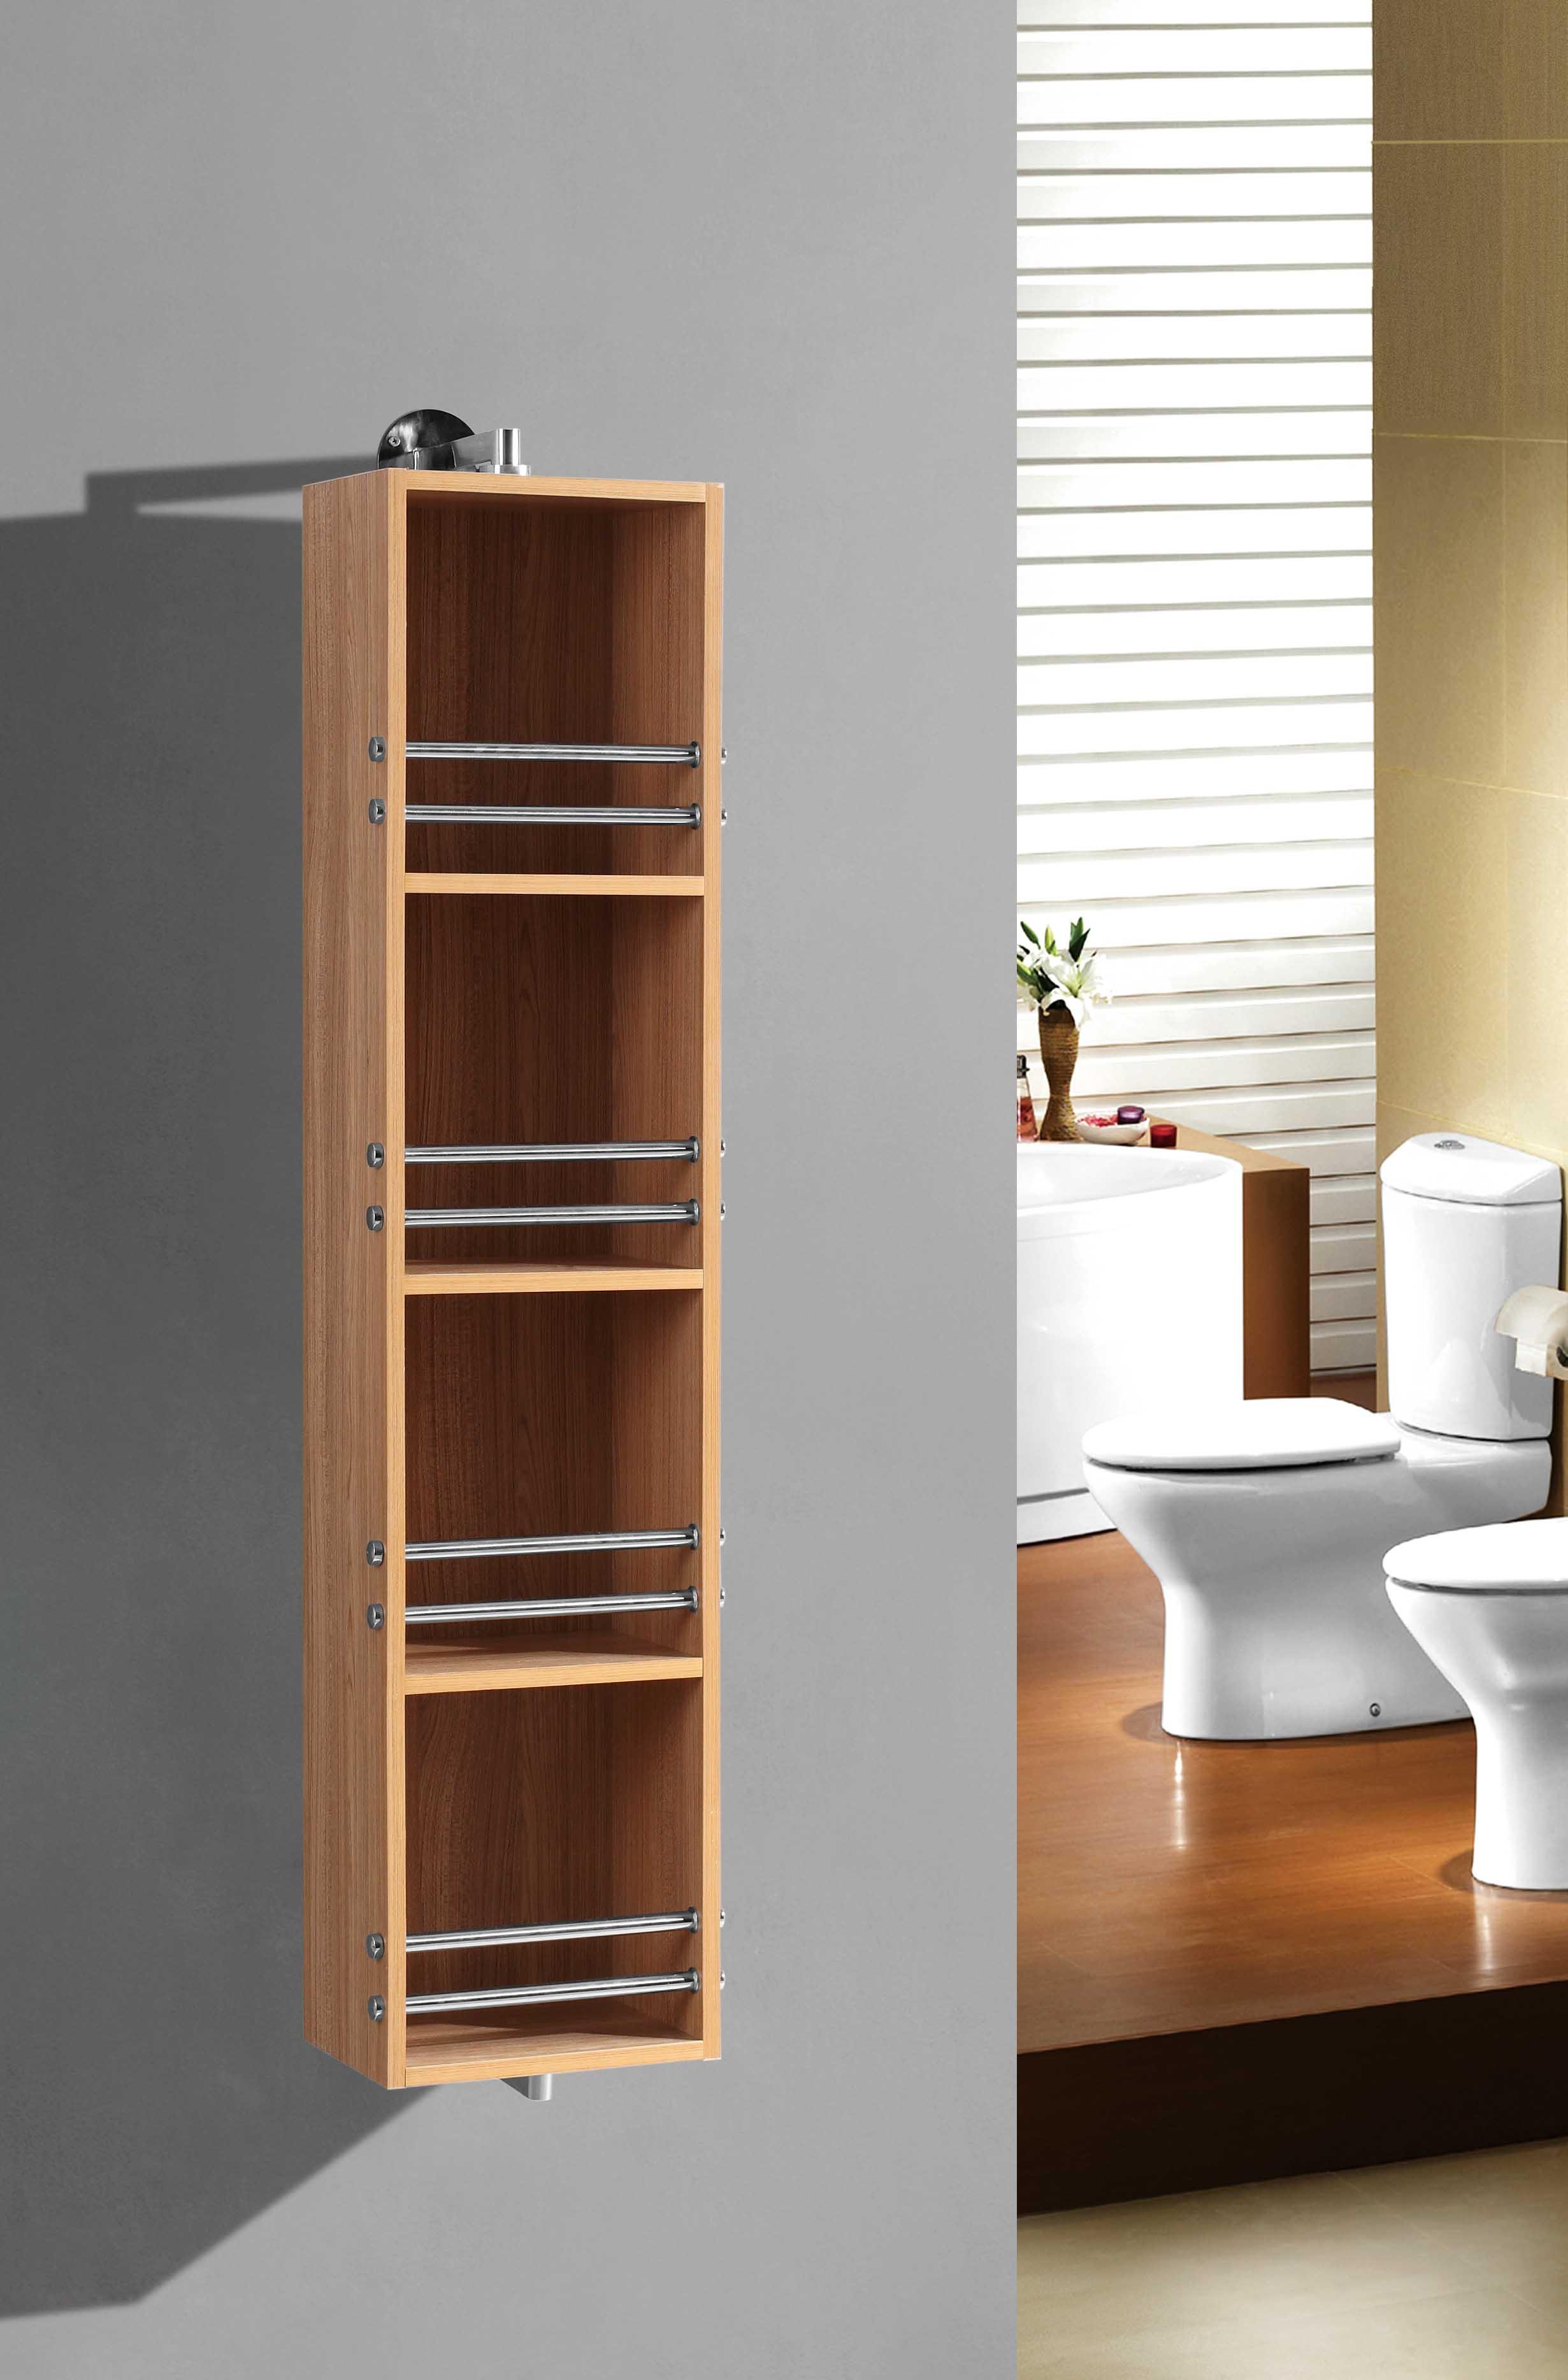 Diseño personalizado de tocador de baño de madera maciza de Filipinas con doble lavabo y encimera